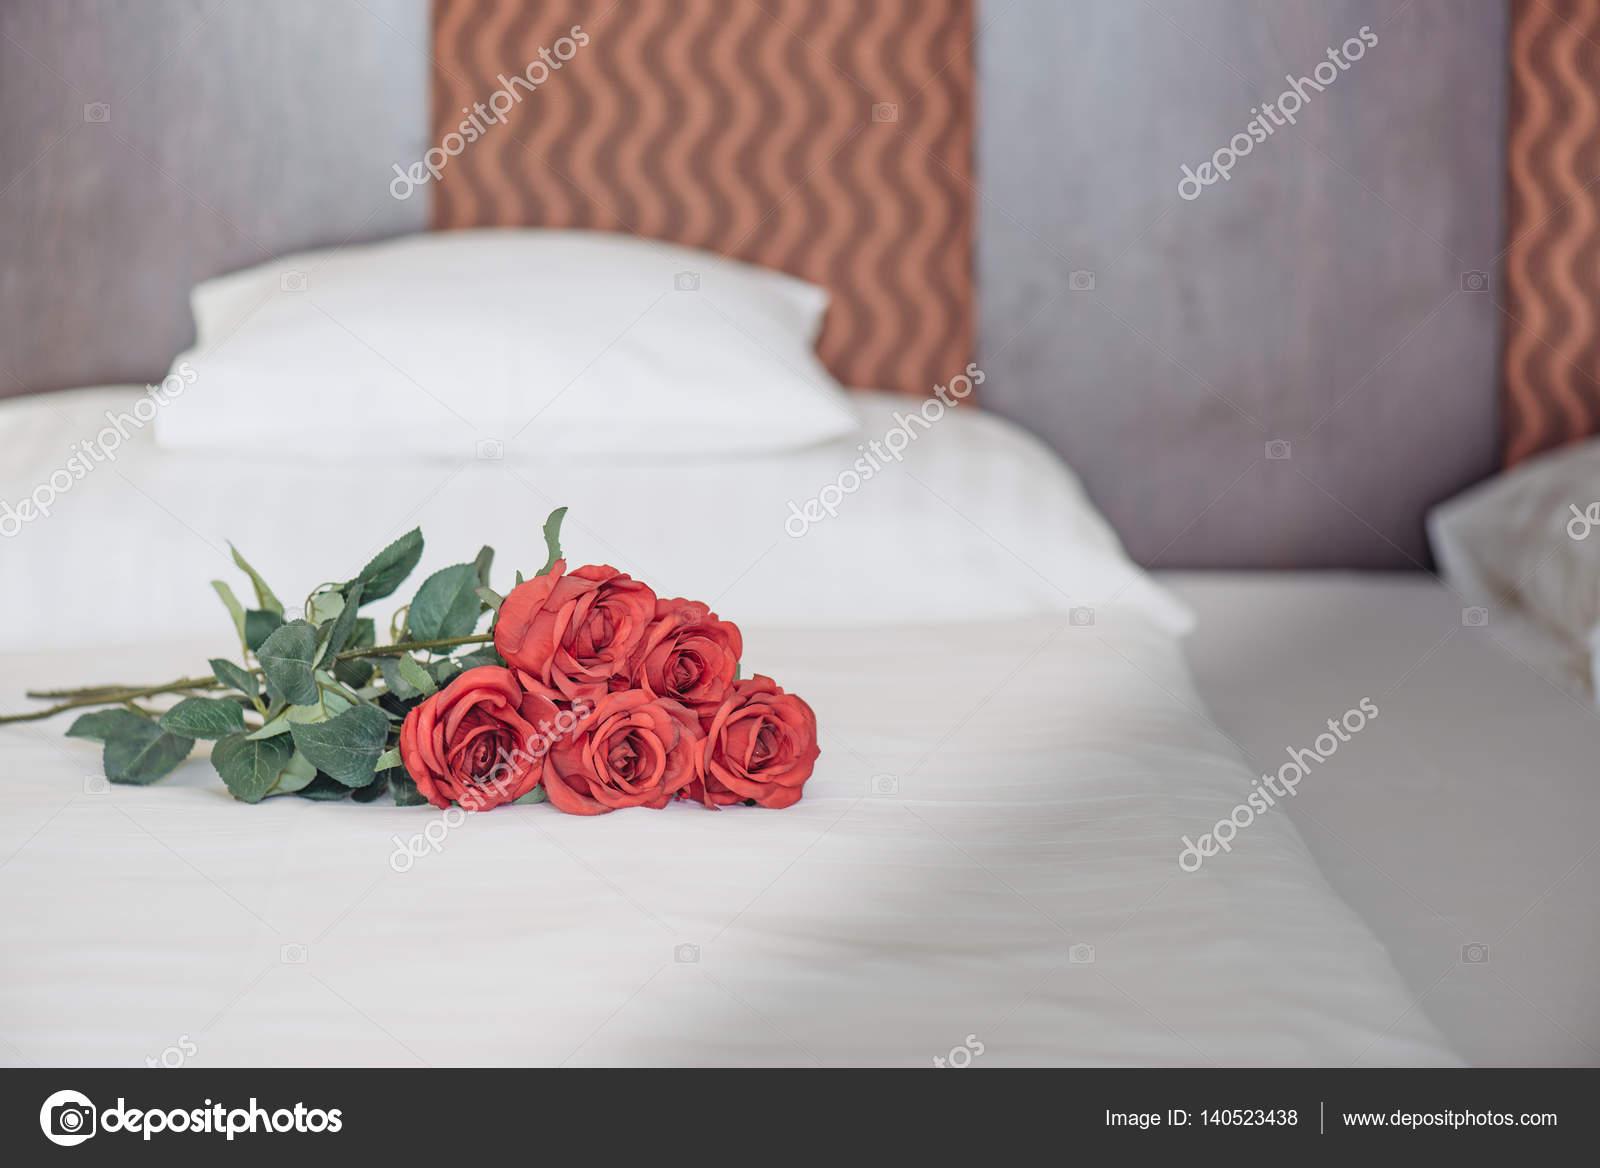 Bed Met Rozen.Rozen Op Bed In Luxe Hotelkamer Stockfoto C Loriklaszlo 140523438